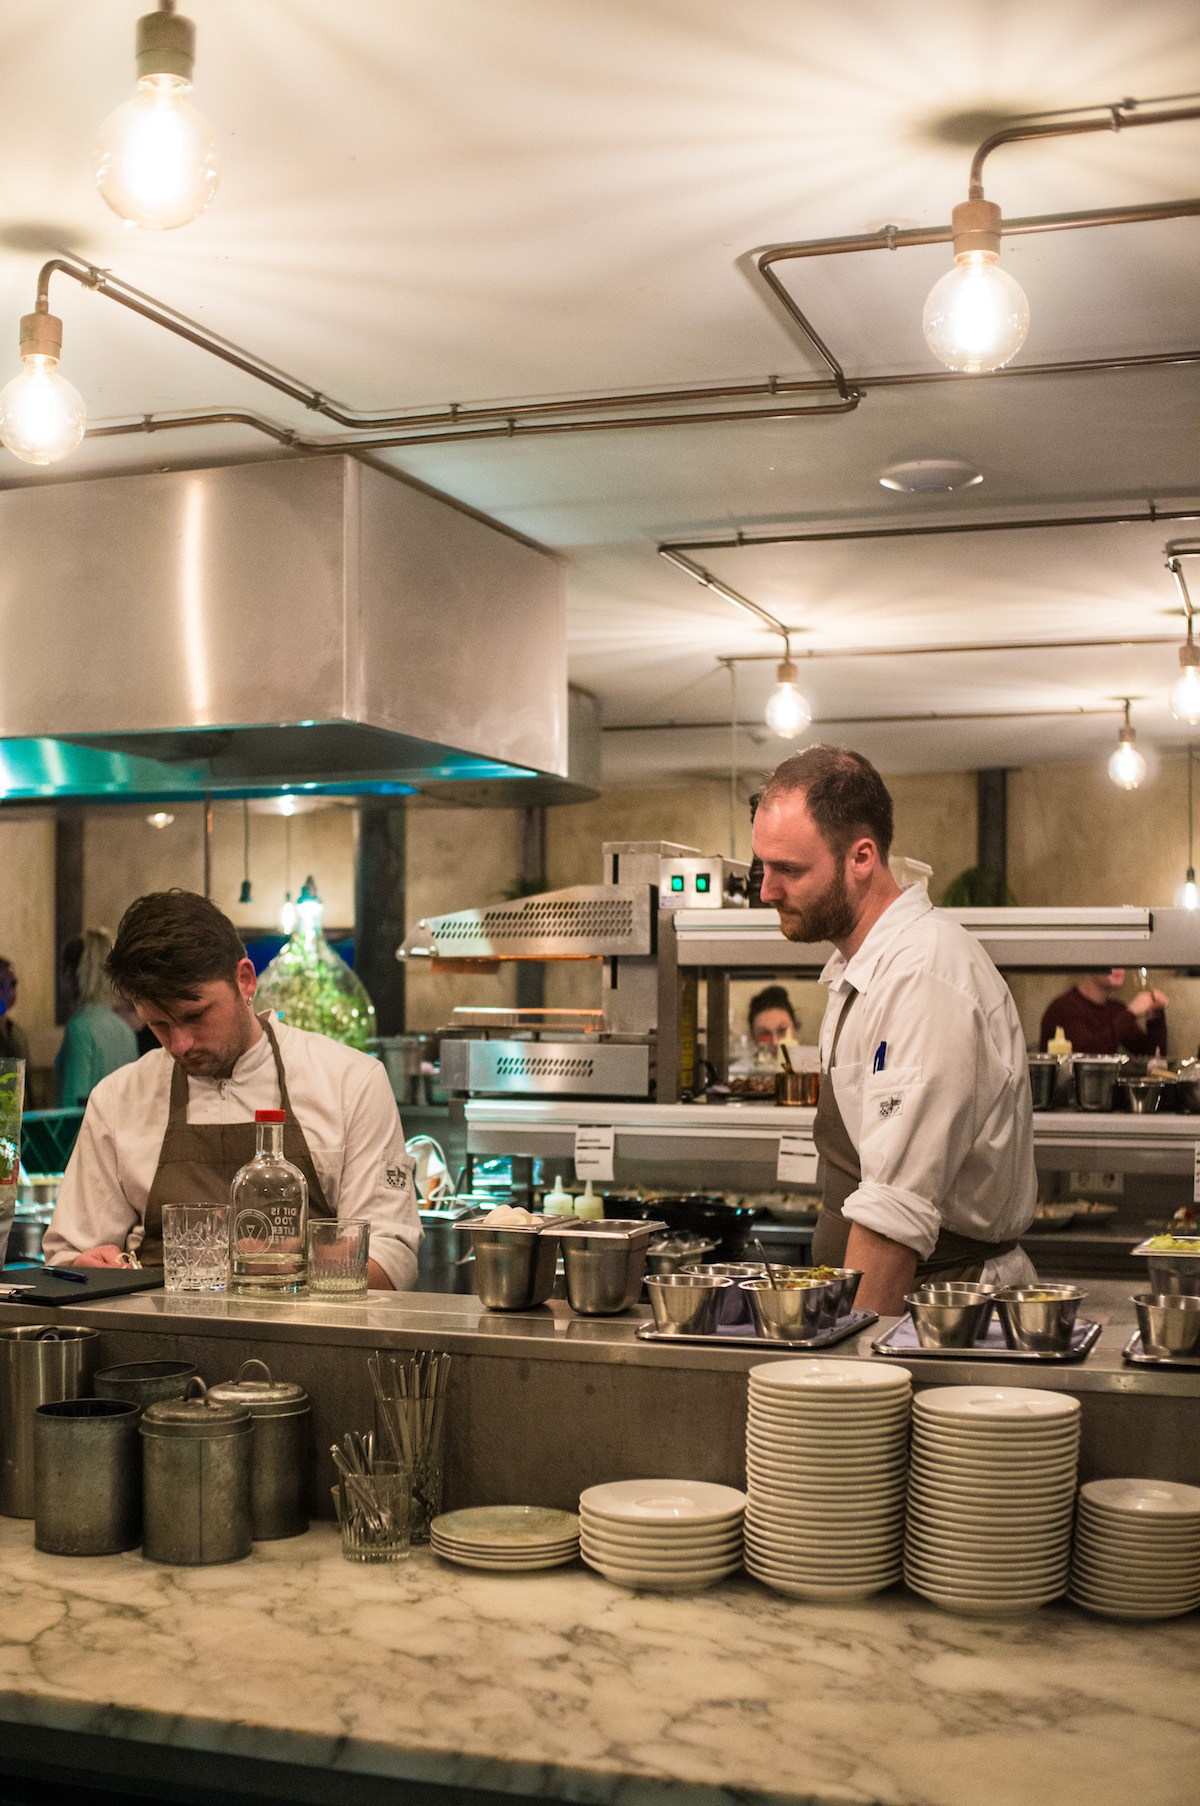 Zicht op de keuken bij WT Urban Kitchen